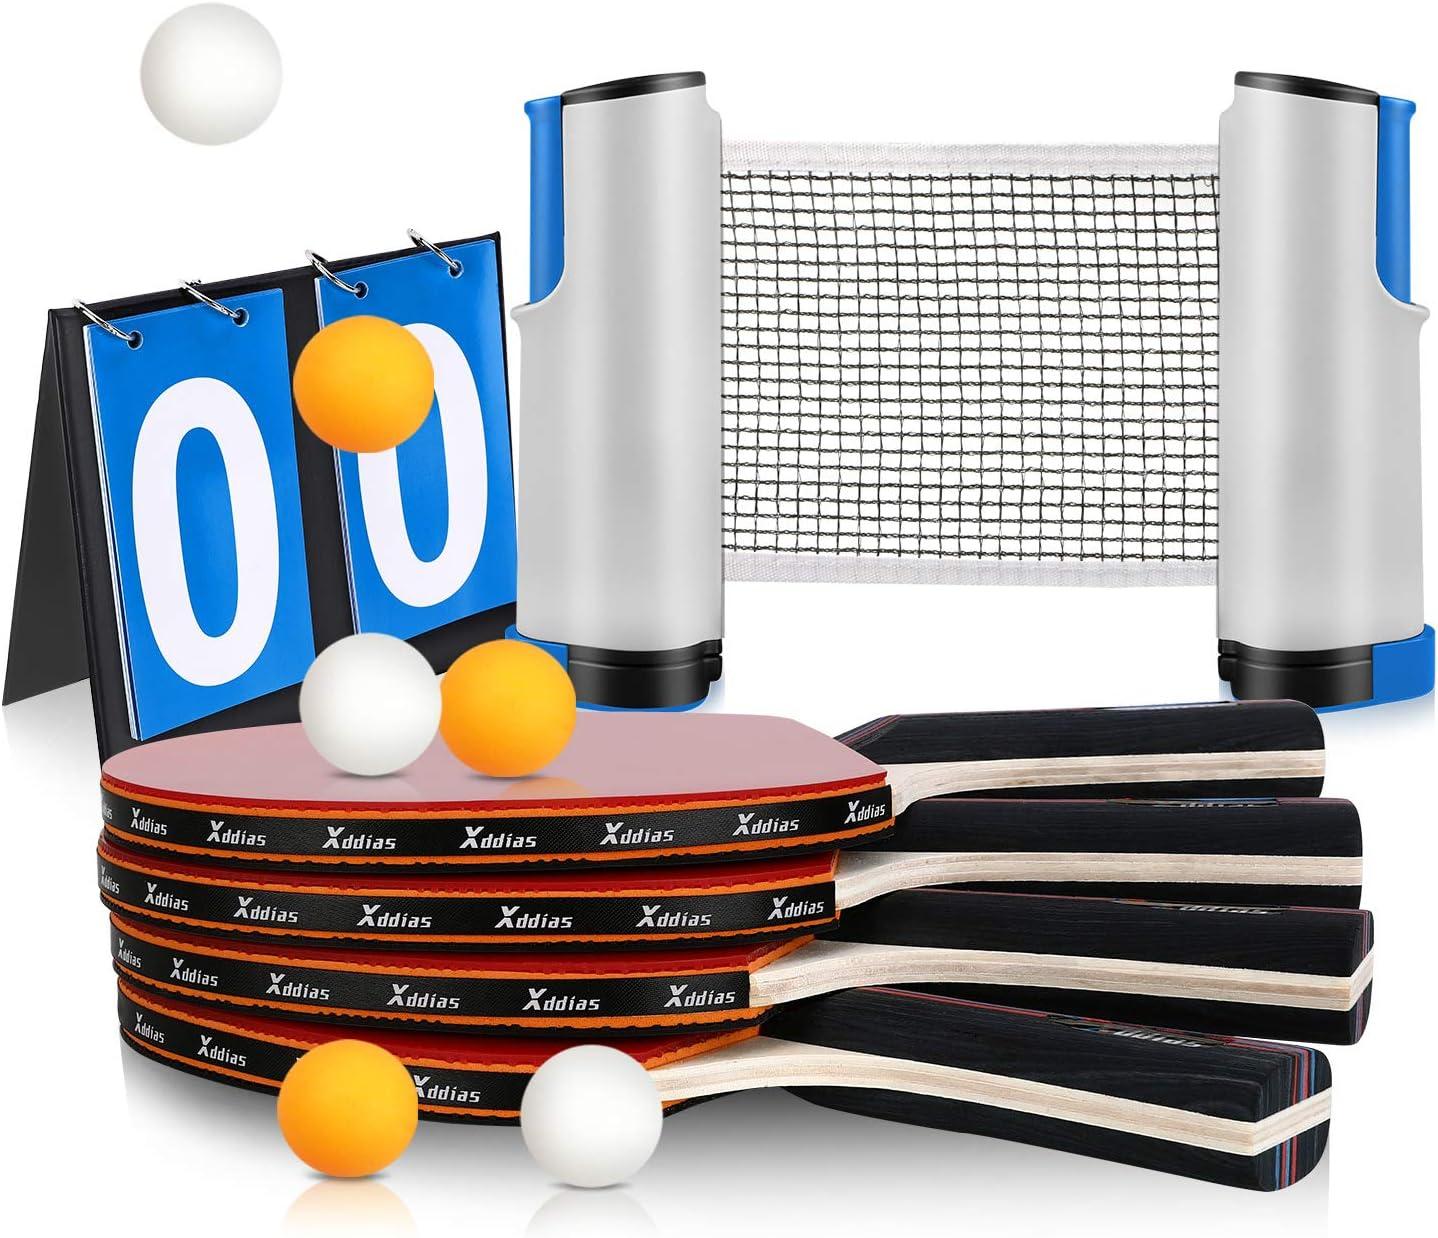 XDDIAS Raquetas de Tenis de Mesa, 4 Raquetas + Red Retráctil + Tarjeta de Puntuación + 6 Bolas Conjunto de Pingpong Set Portátil para Interior al Aire Libre Regalo